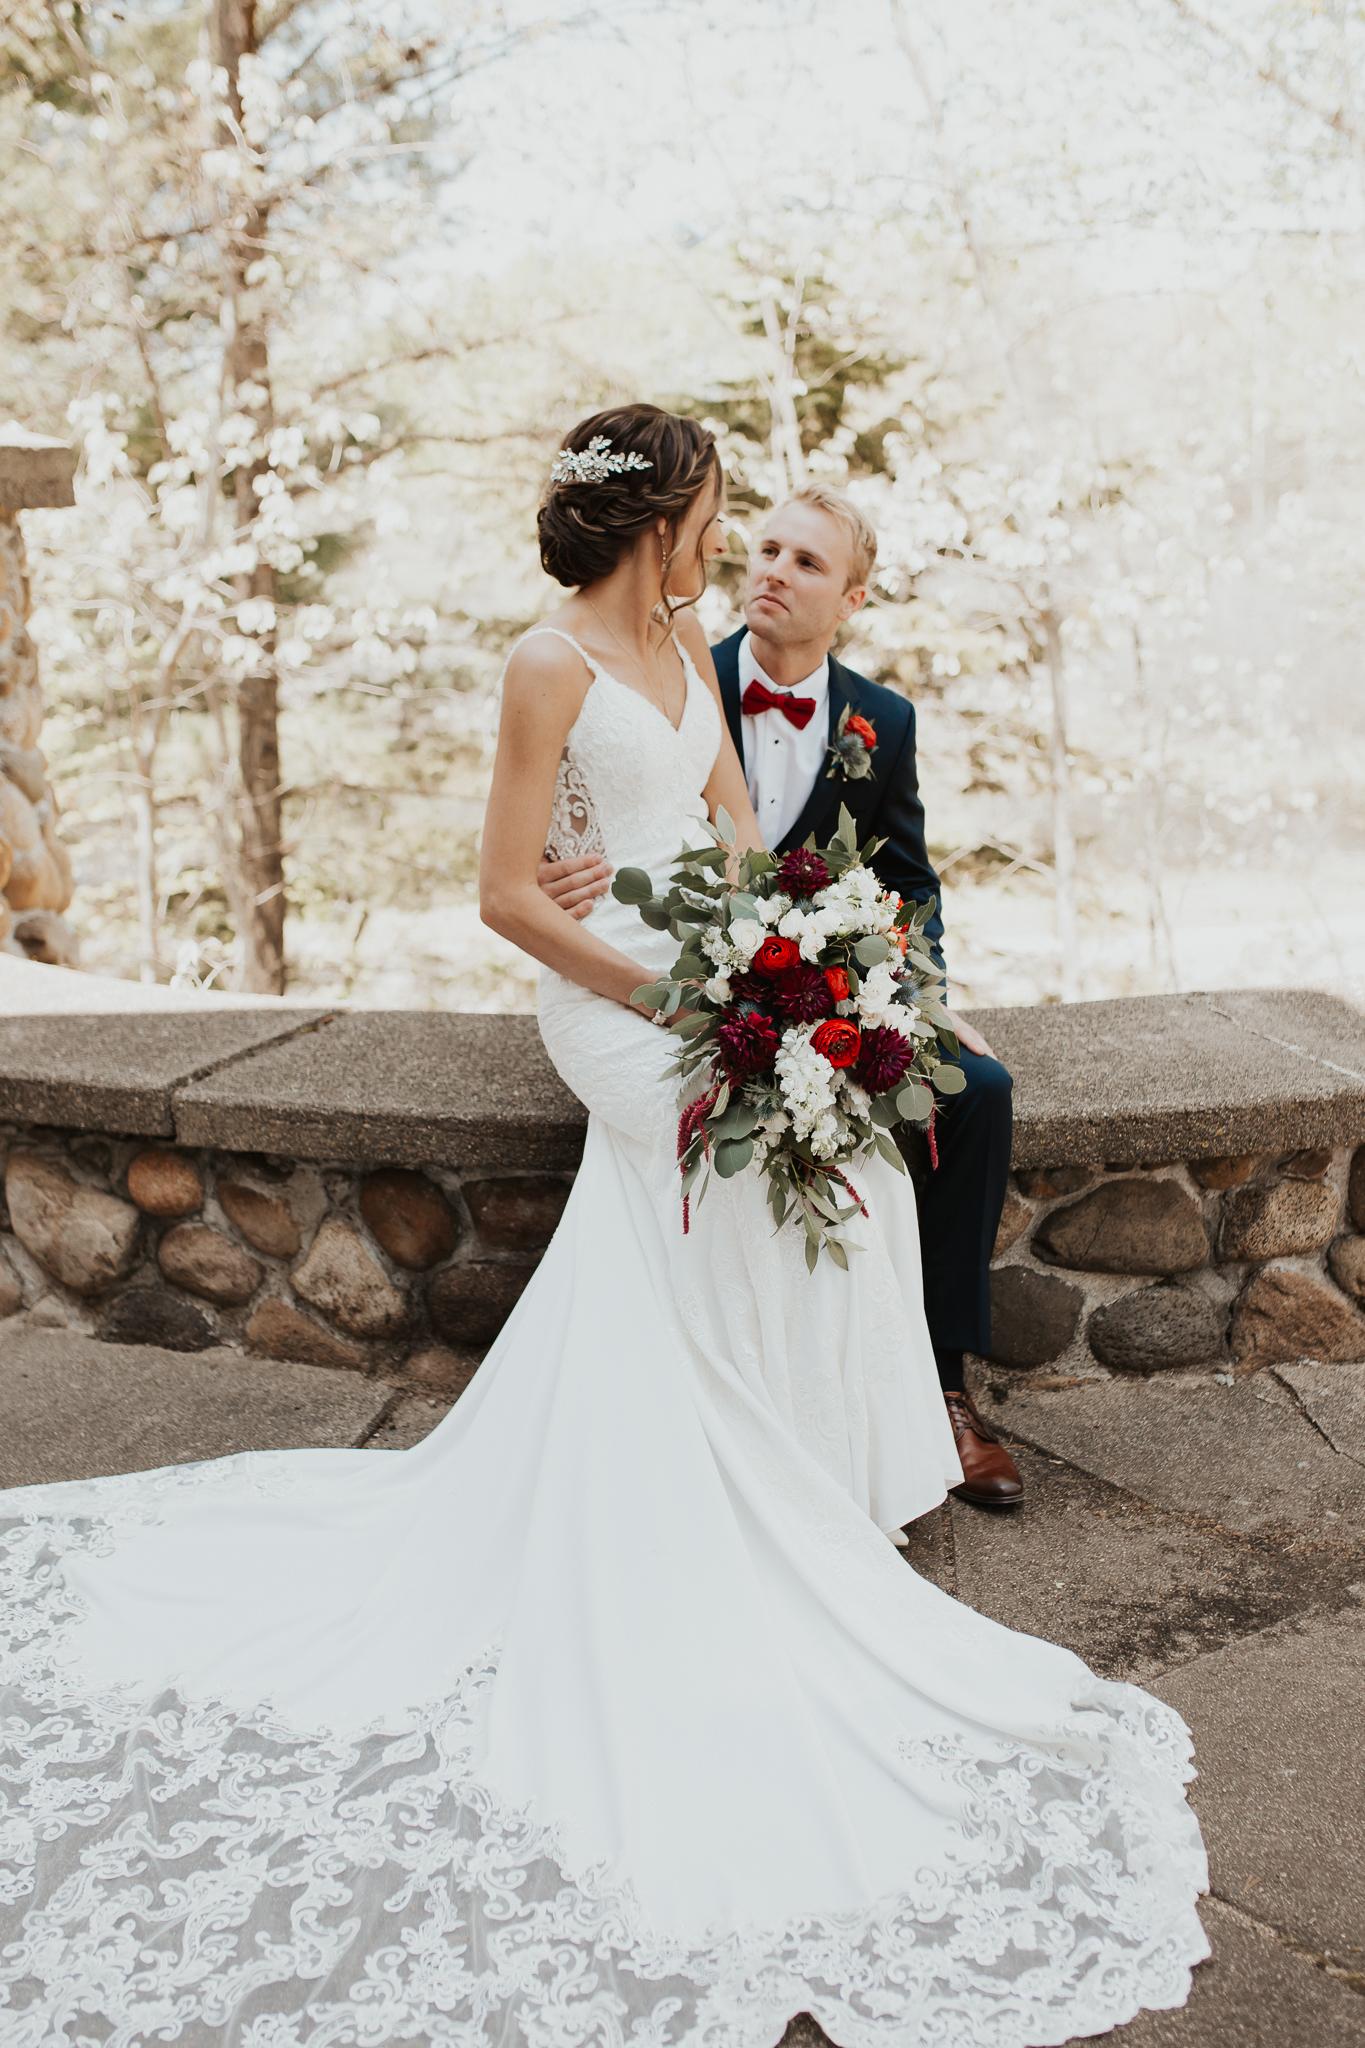 AlexJanie_Wedding-31.jpg